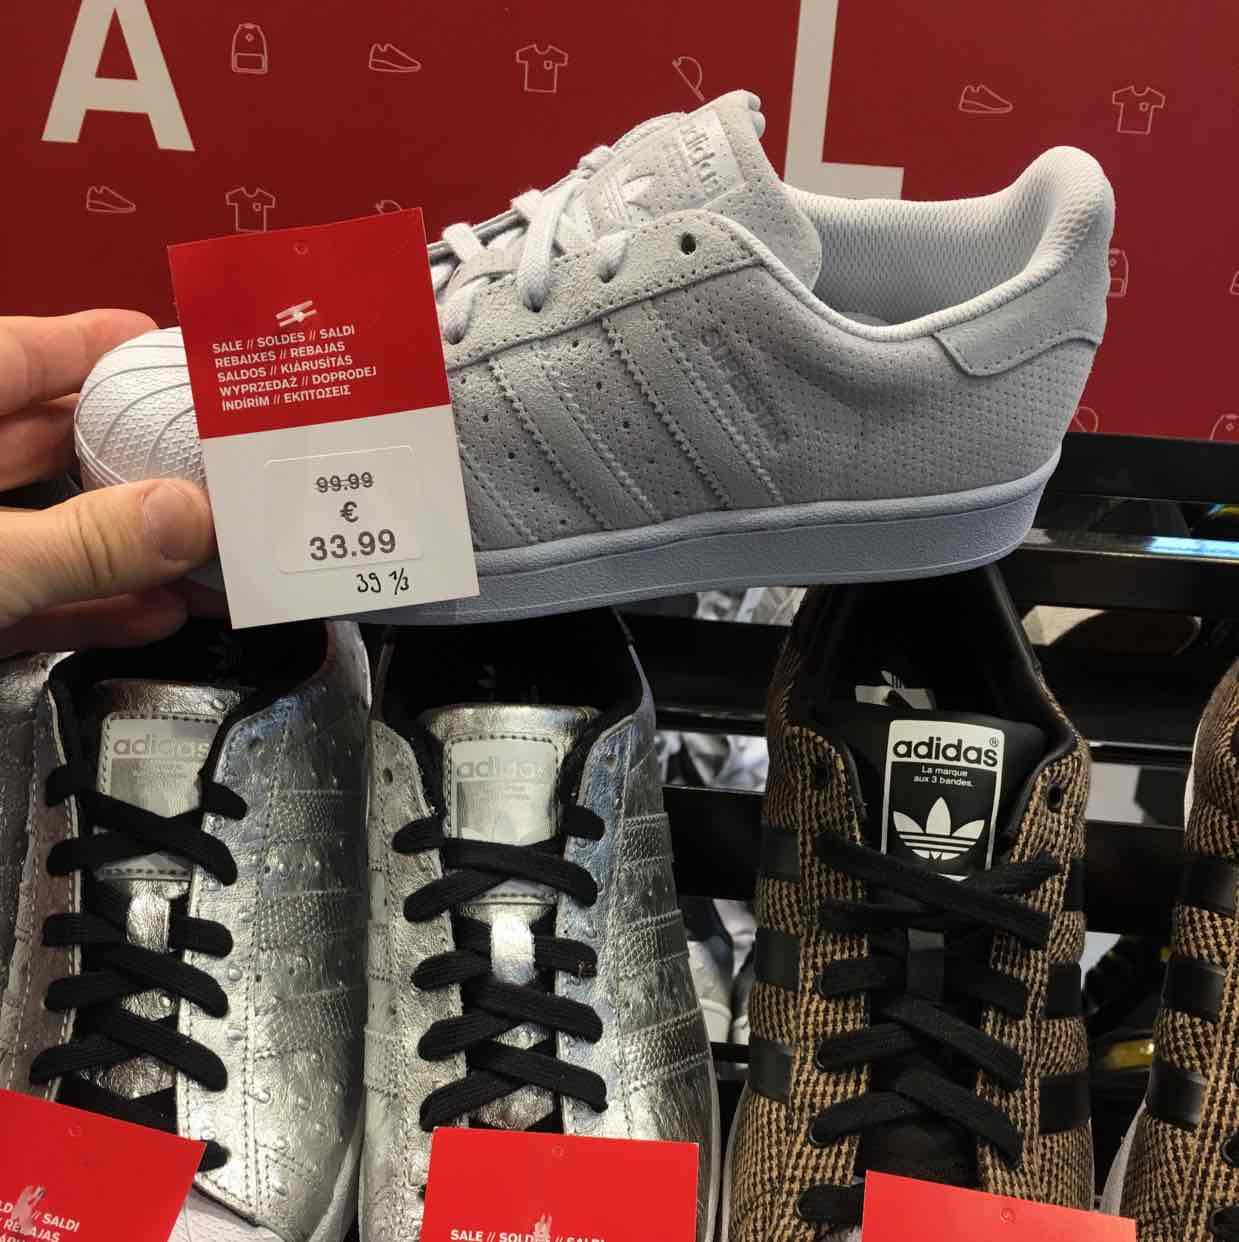 Adidas Superstar 33,90 Euro Lokal in Hannover Foot Locker